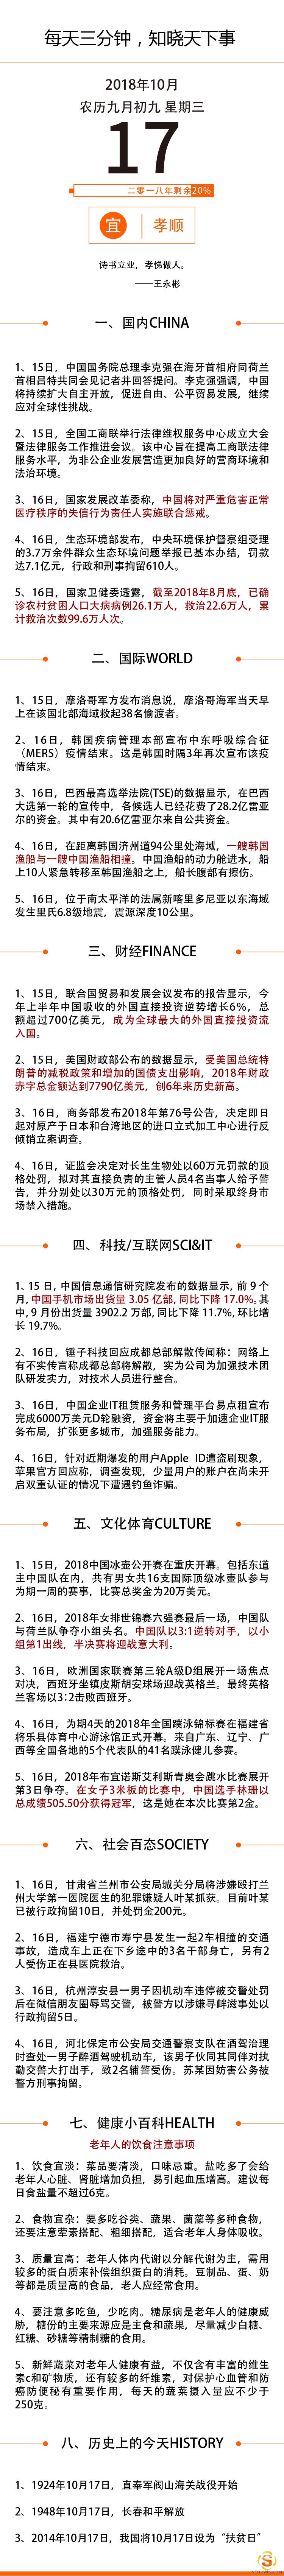 【网络营销顾问】2018年10月17日星期三国内外新闻资讯快报